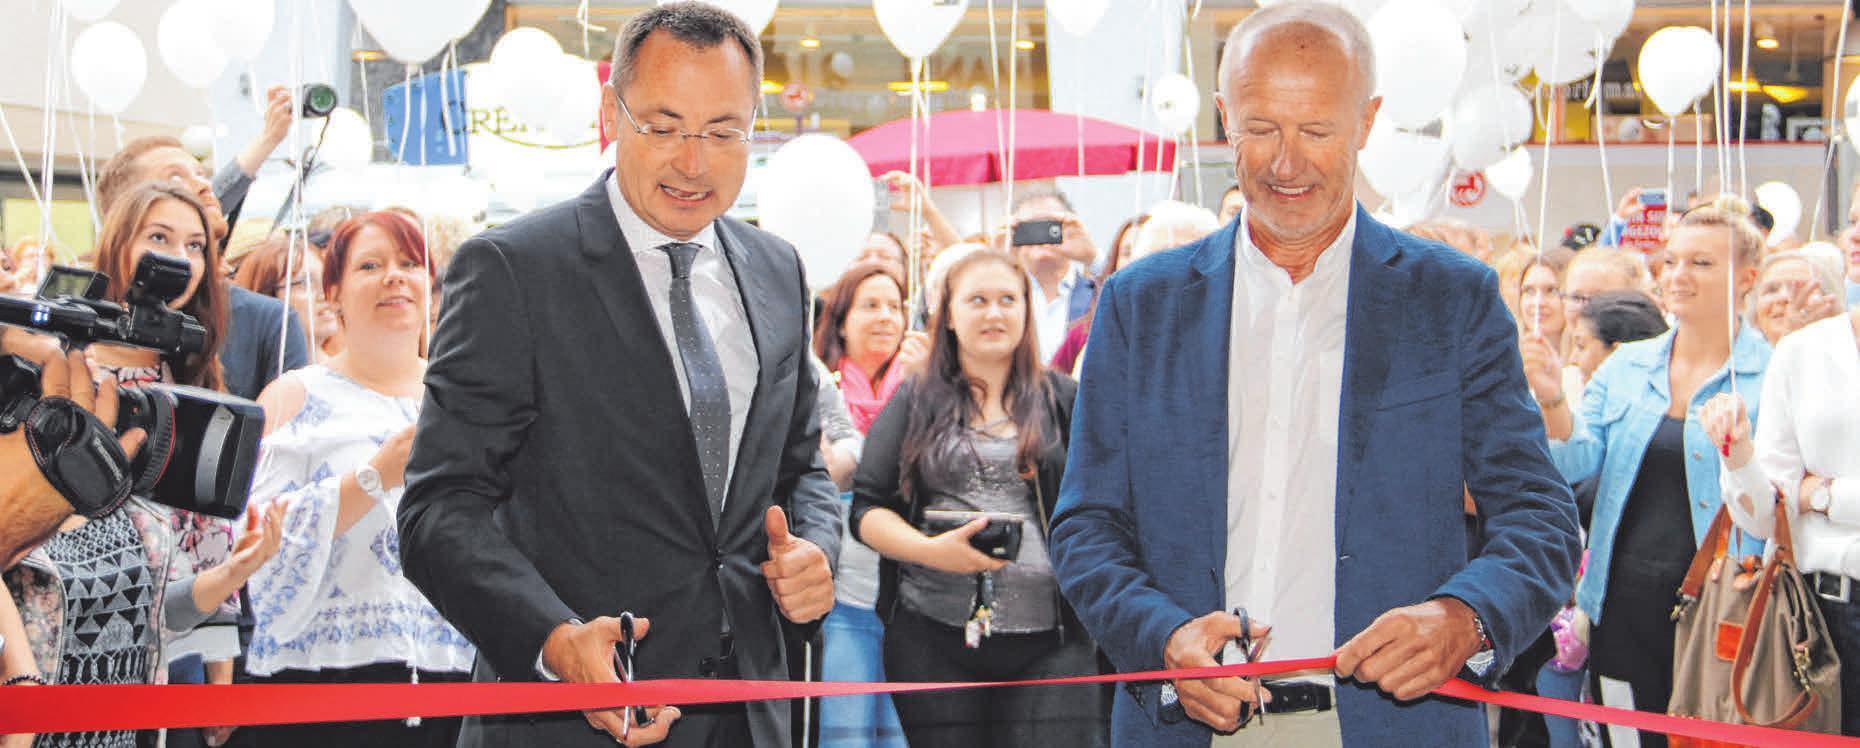 2017: Bei der Eröffnung des KUBUS. FOTO: ANJA LUTZ